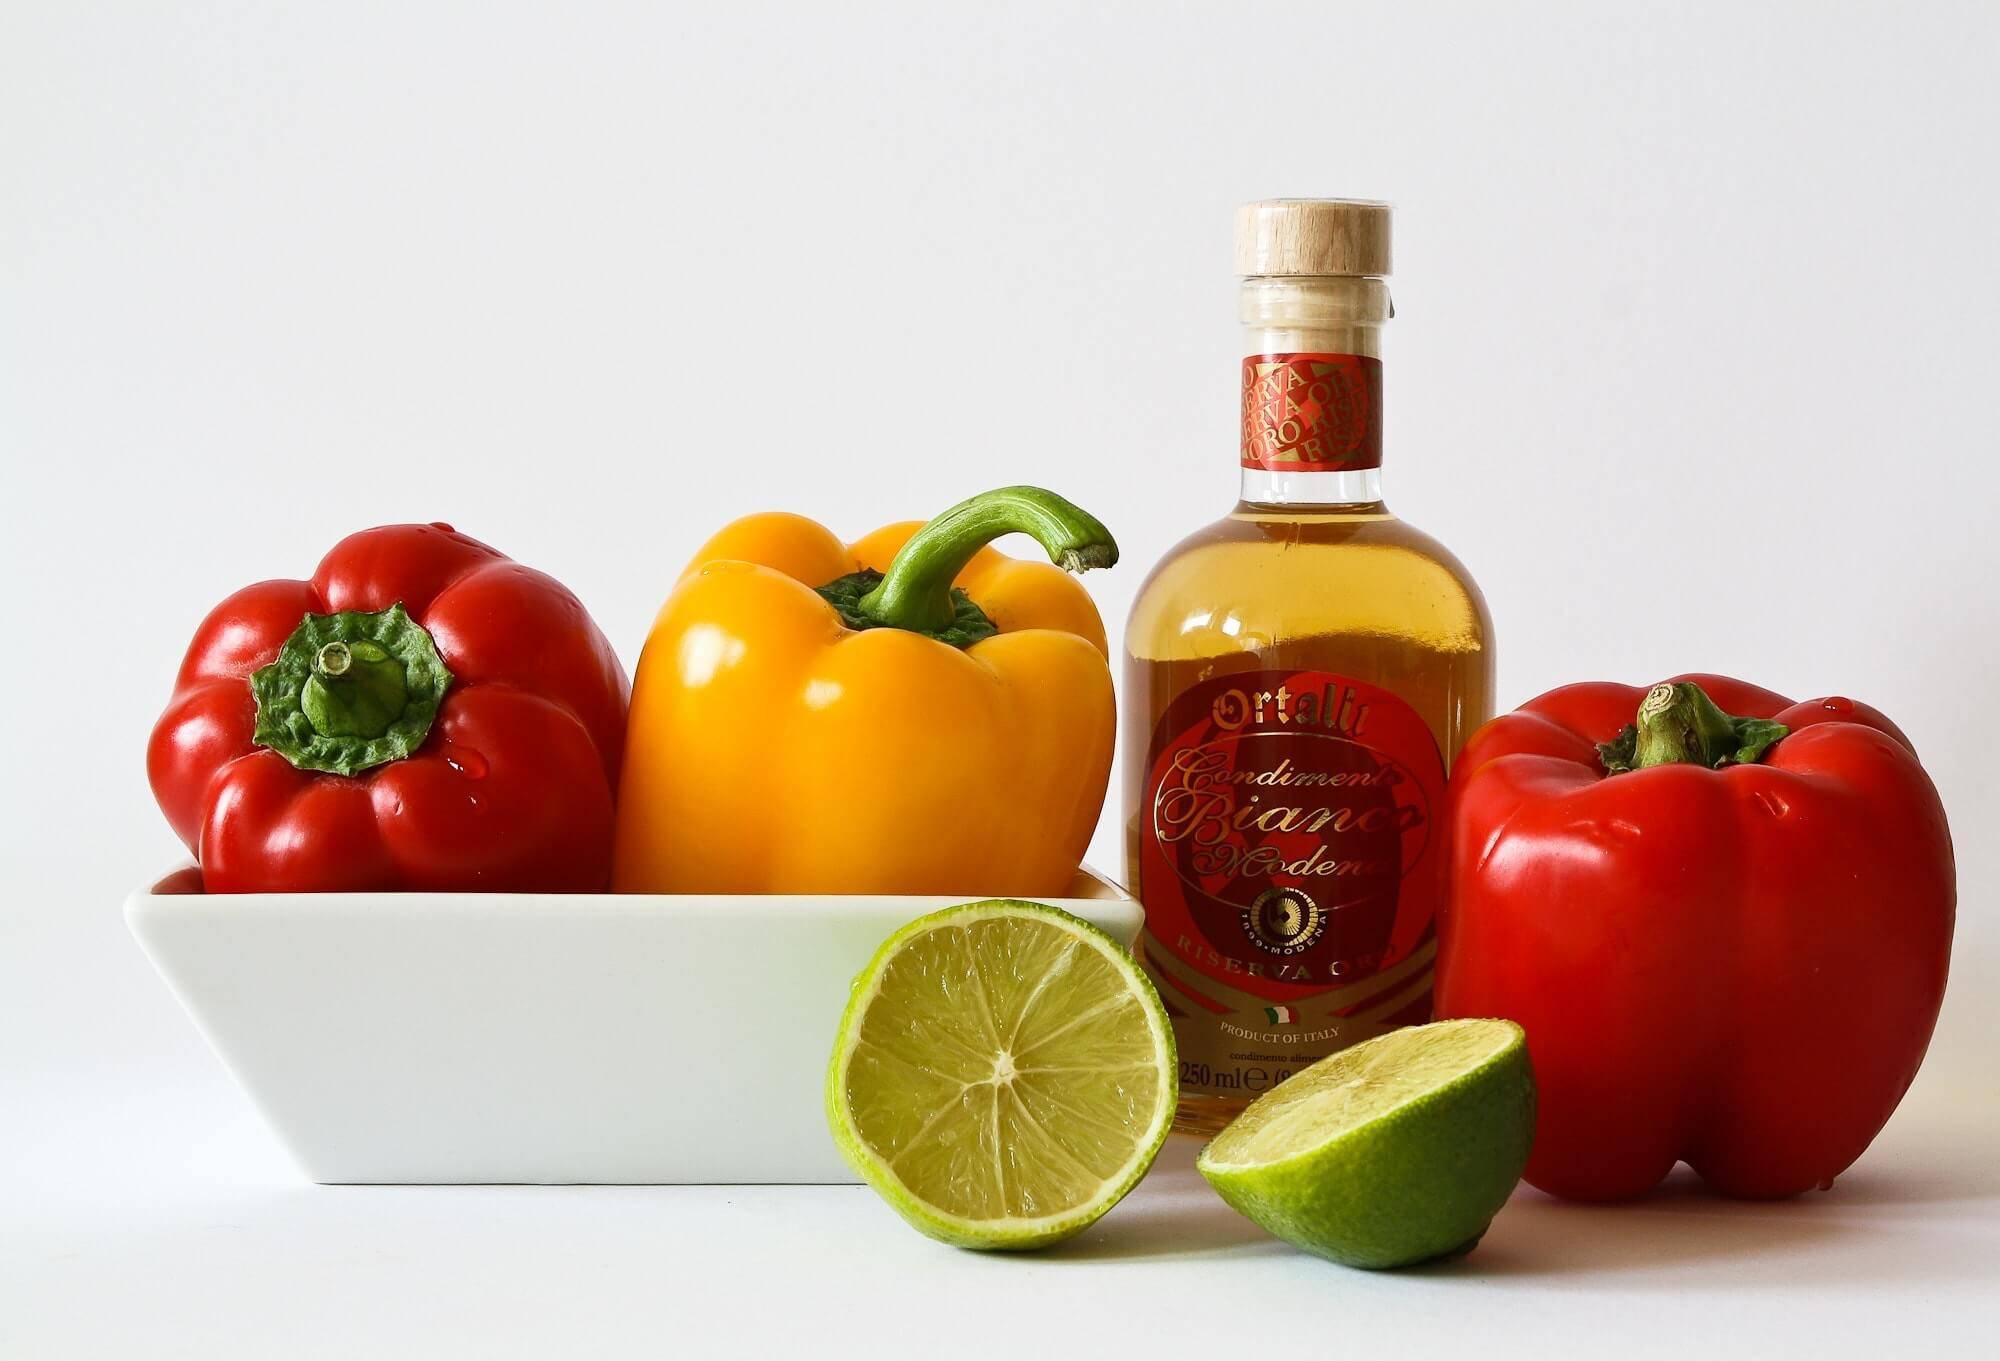 vitamine c in groenten en fruit